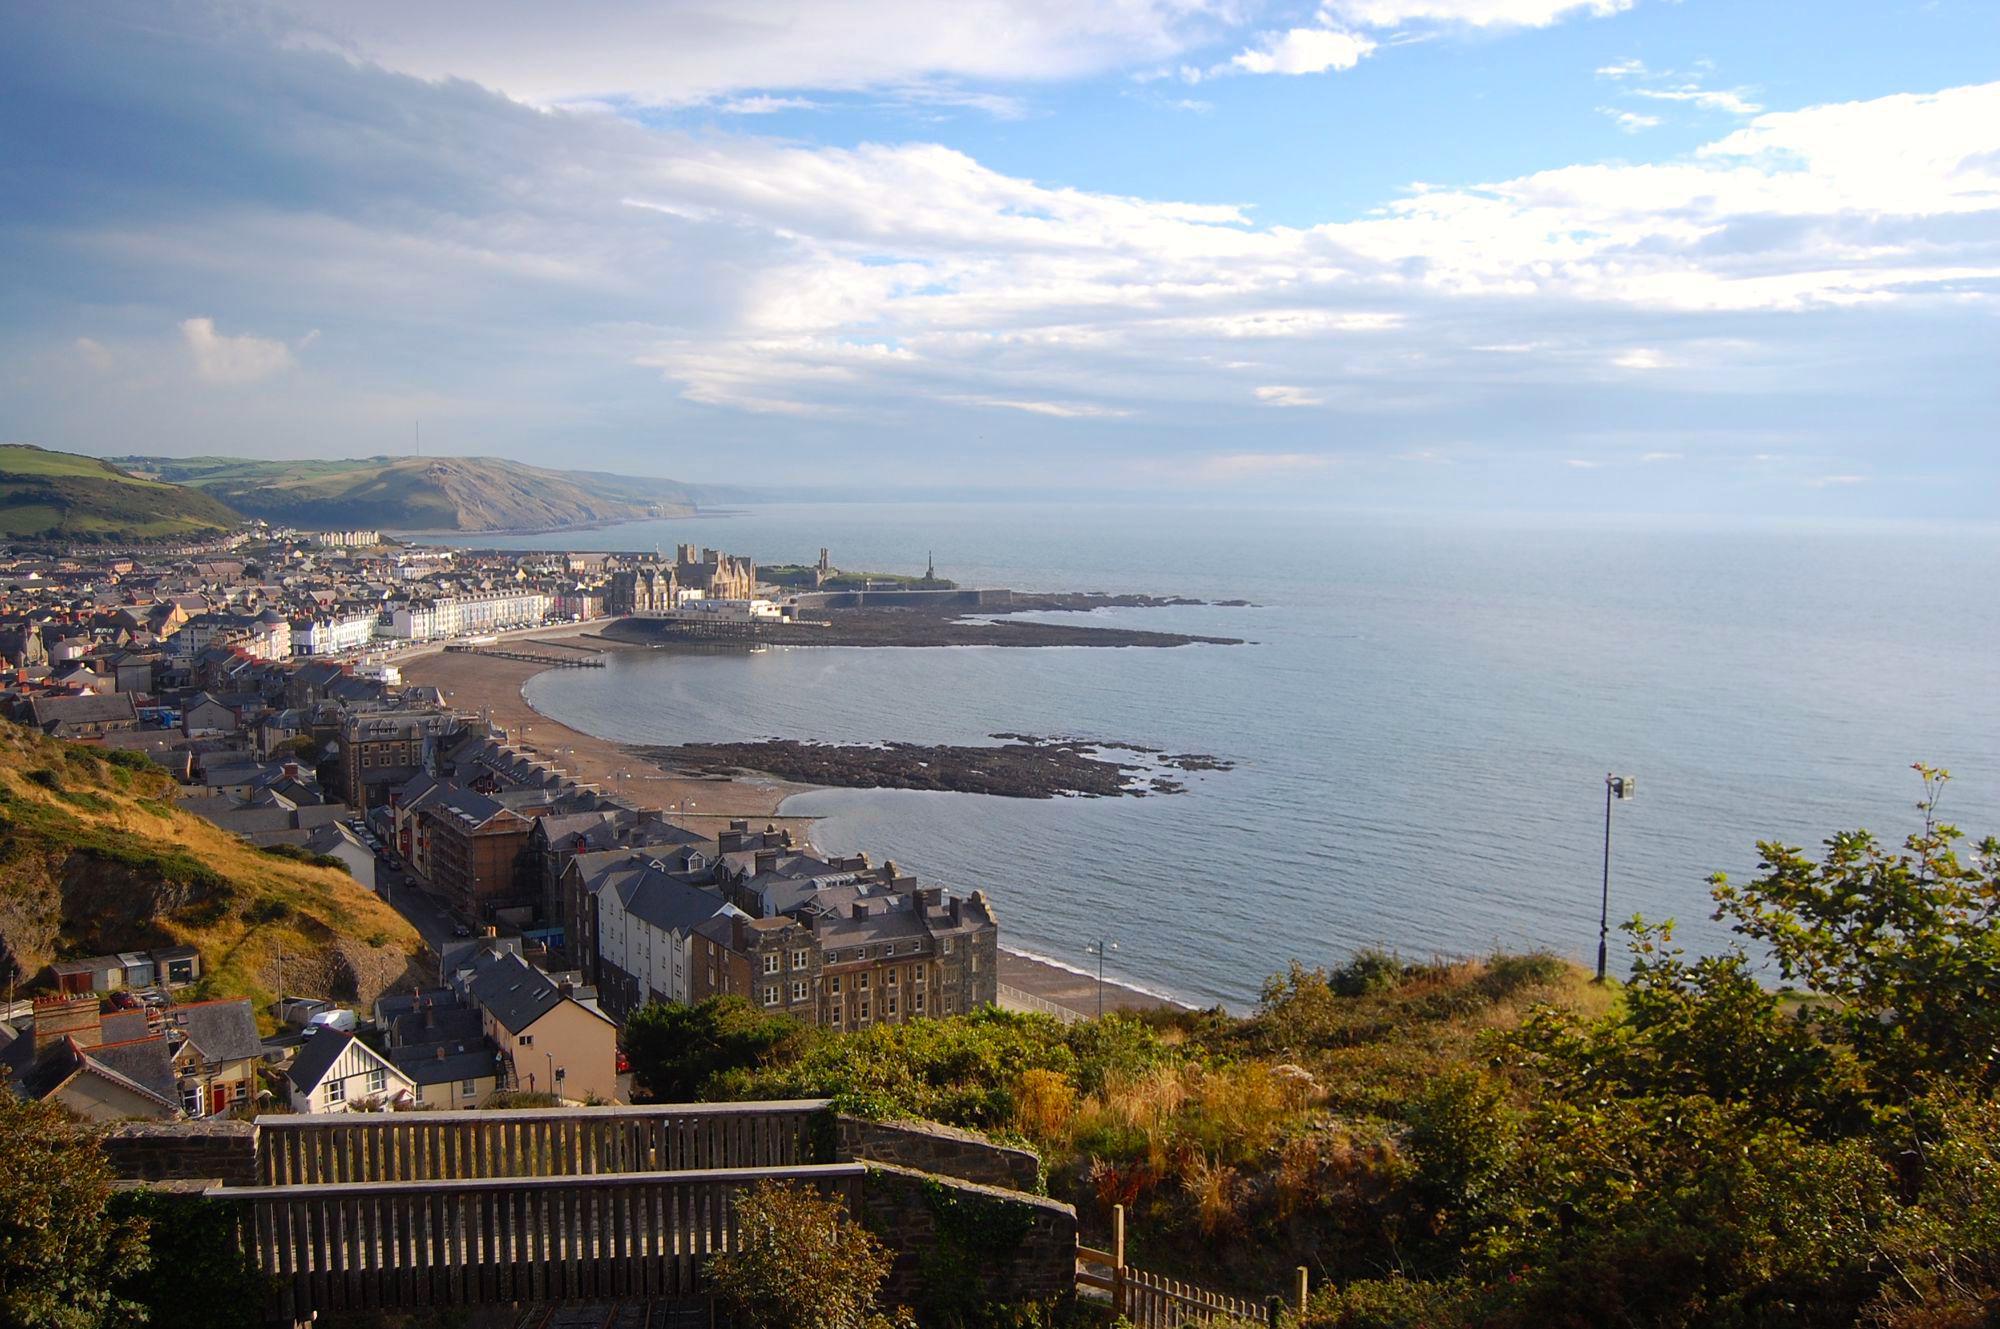 Aberystwyth Camping | Best campsites in Aberystwyth, Wales